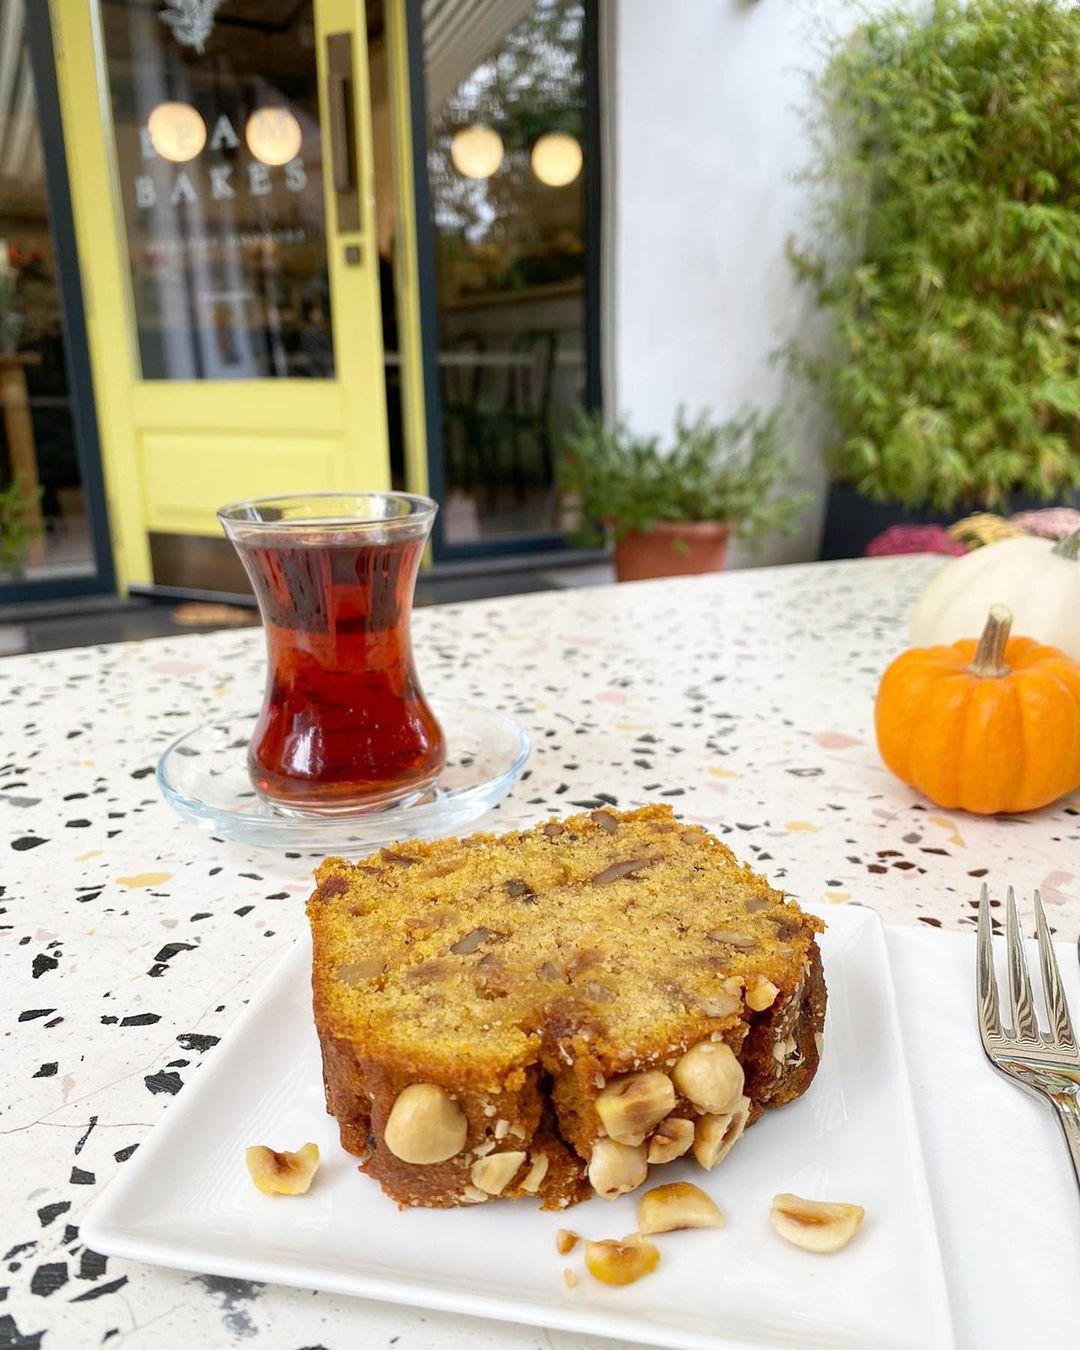 beam bakes sarıyer istanbul menü fiyat listesi çay ve kek keyfi siparişi